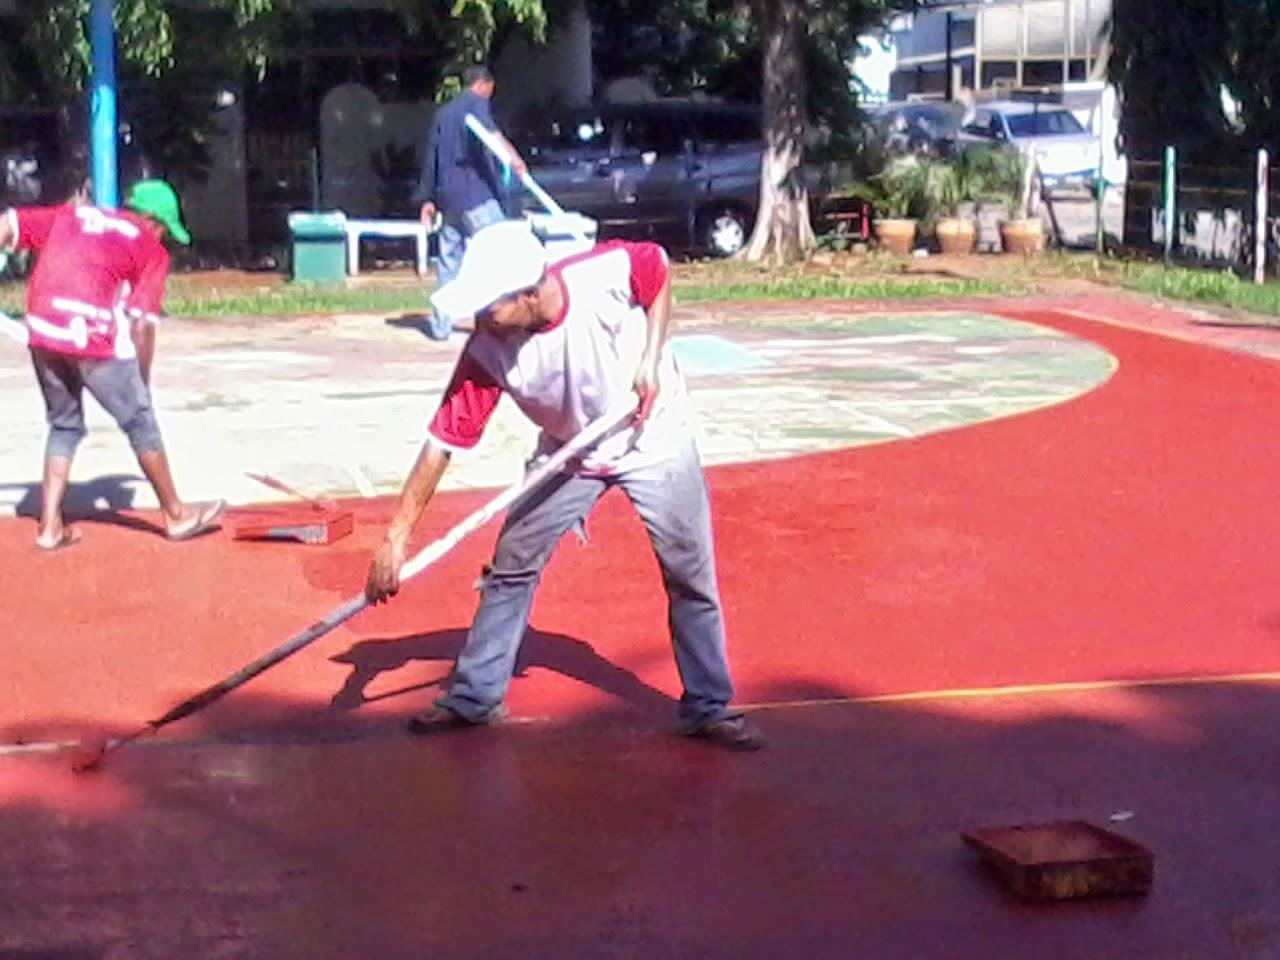 Harga Pengecetan lapangan basket | Futsal | Tenis